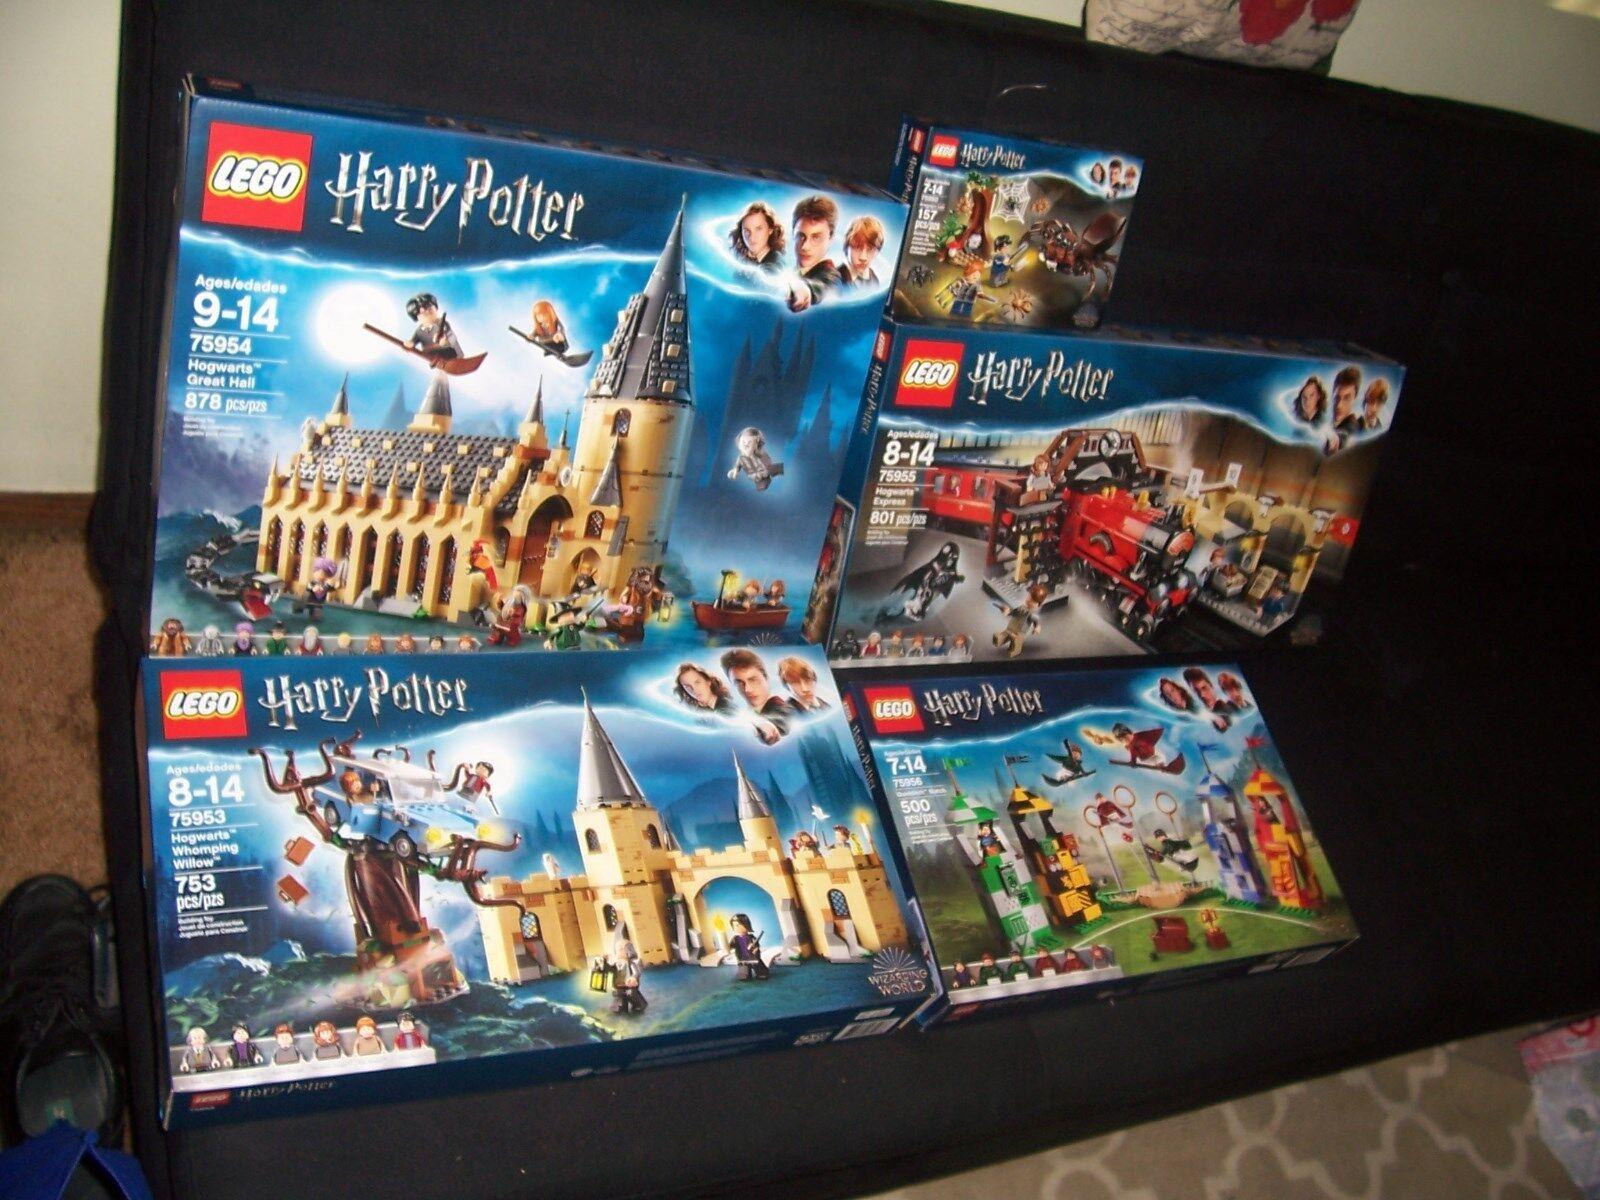 5 lego harry potter 2018 sets sets sets all factory sealed nib b86eaa